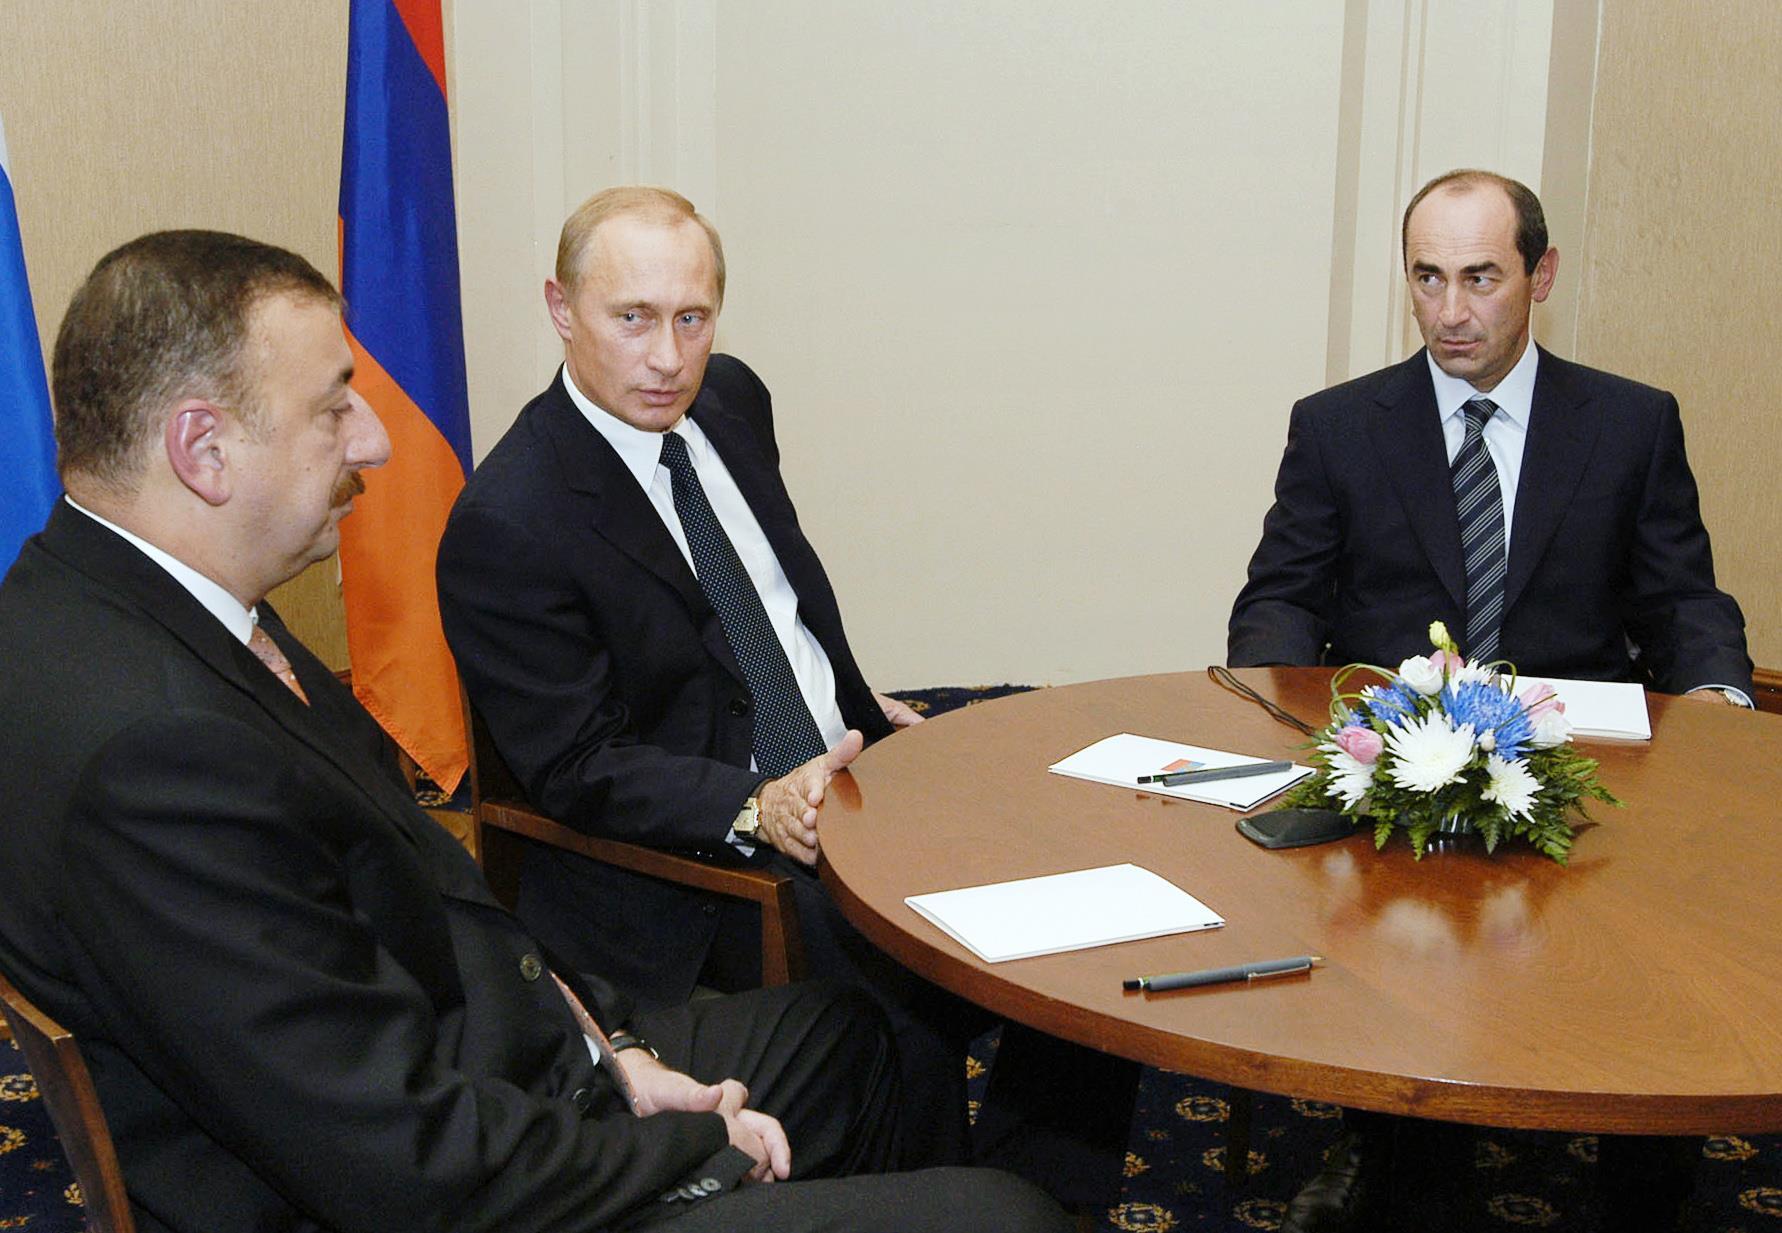 Ильхам Алиев, Владимир Путин и Роберт Кочарян. Этапы карабахского конфликта и попытки урегулирования